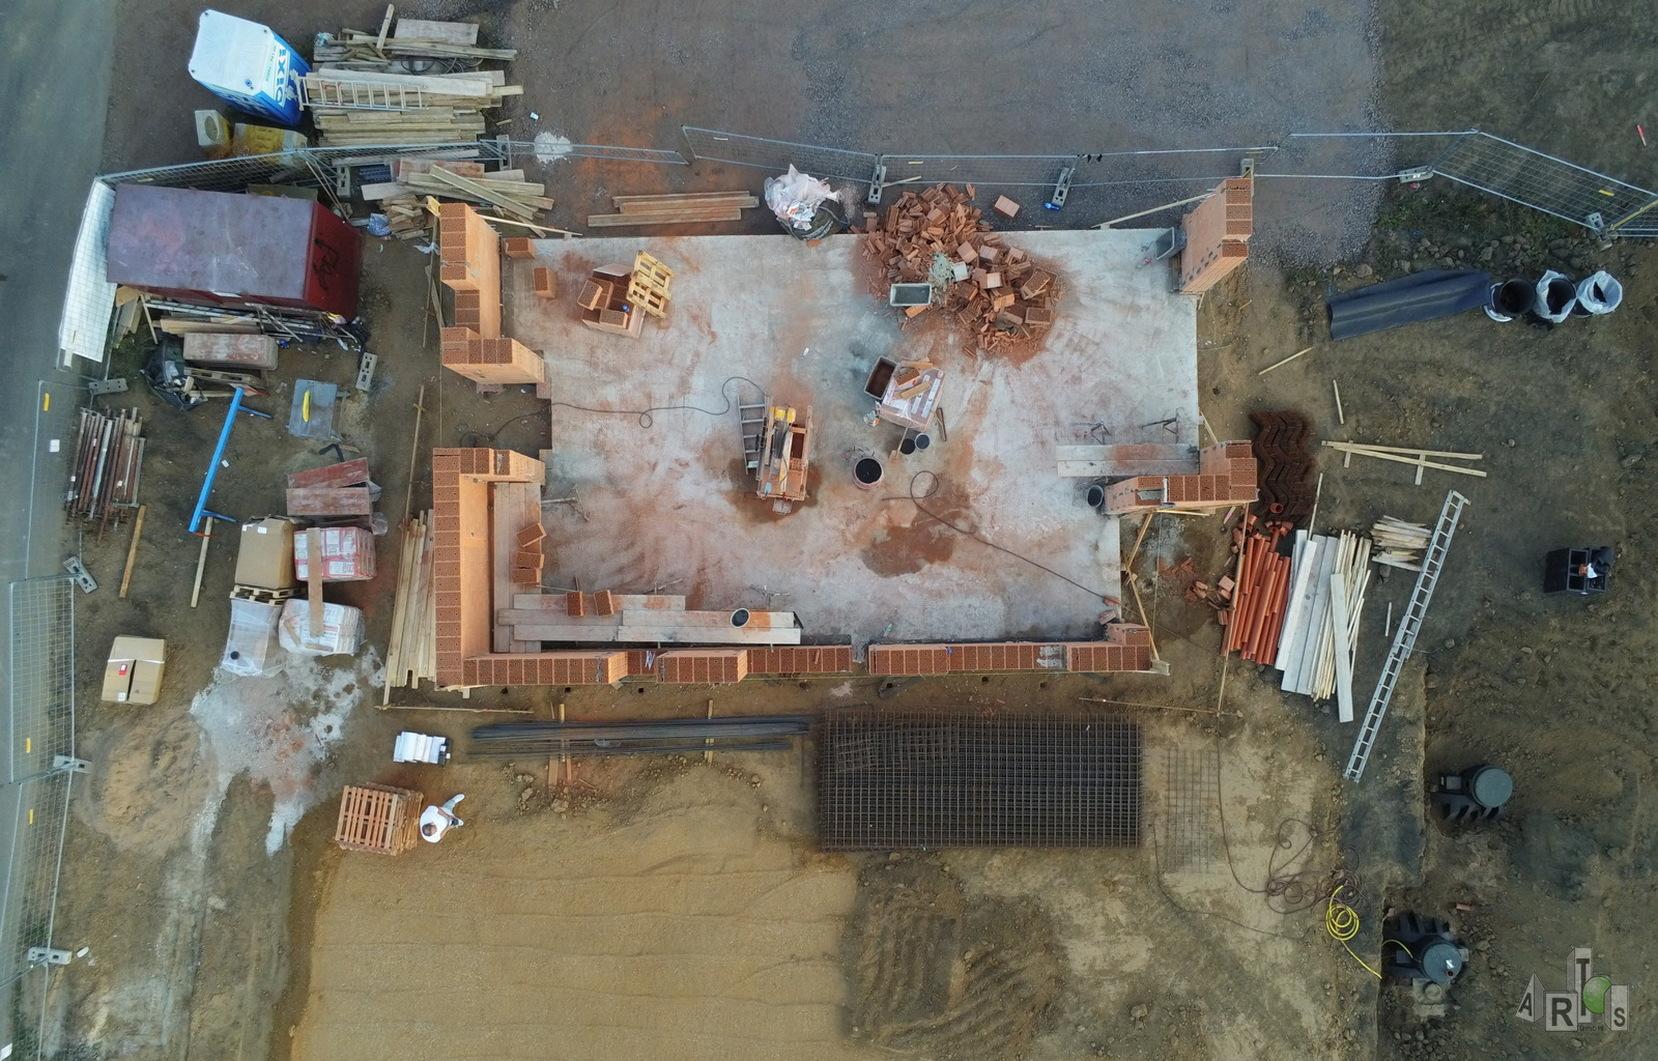 Luftbild unserer Baustelle in Hürth. Hier entstehen 3 DHH. www.artos-haus.de | Bild 2